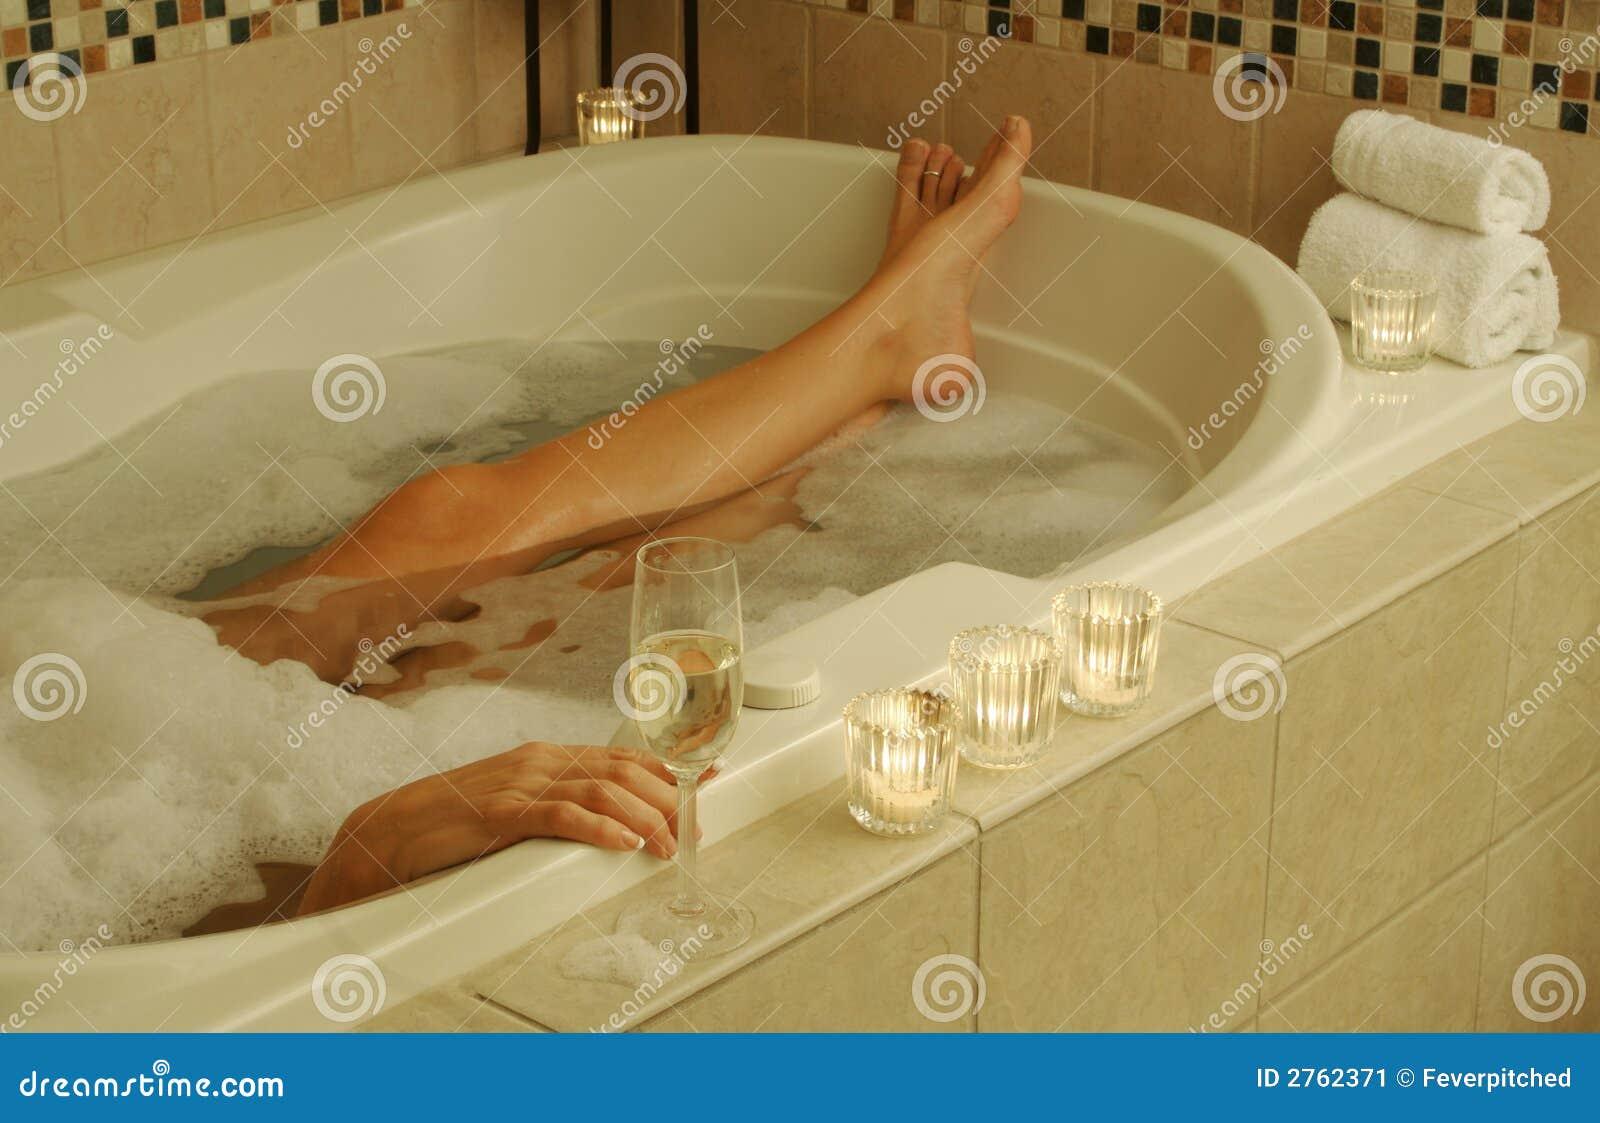 Scena Di Distensione Della Vasca Da Bagno Immagine Stock Immagine Di Fisico Contemplazione 2762371